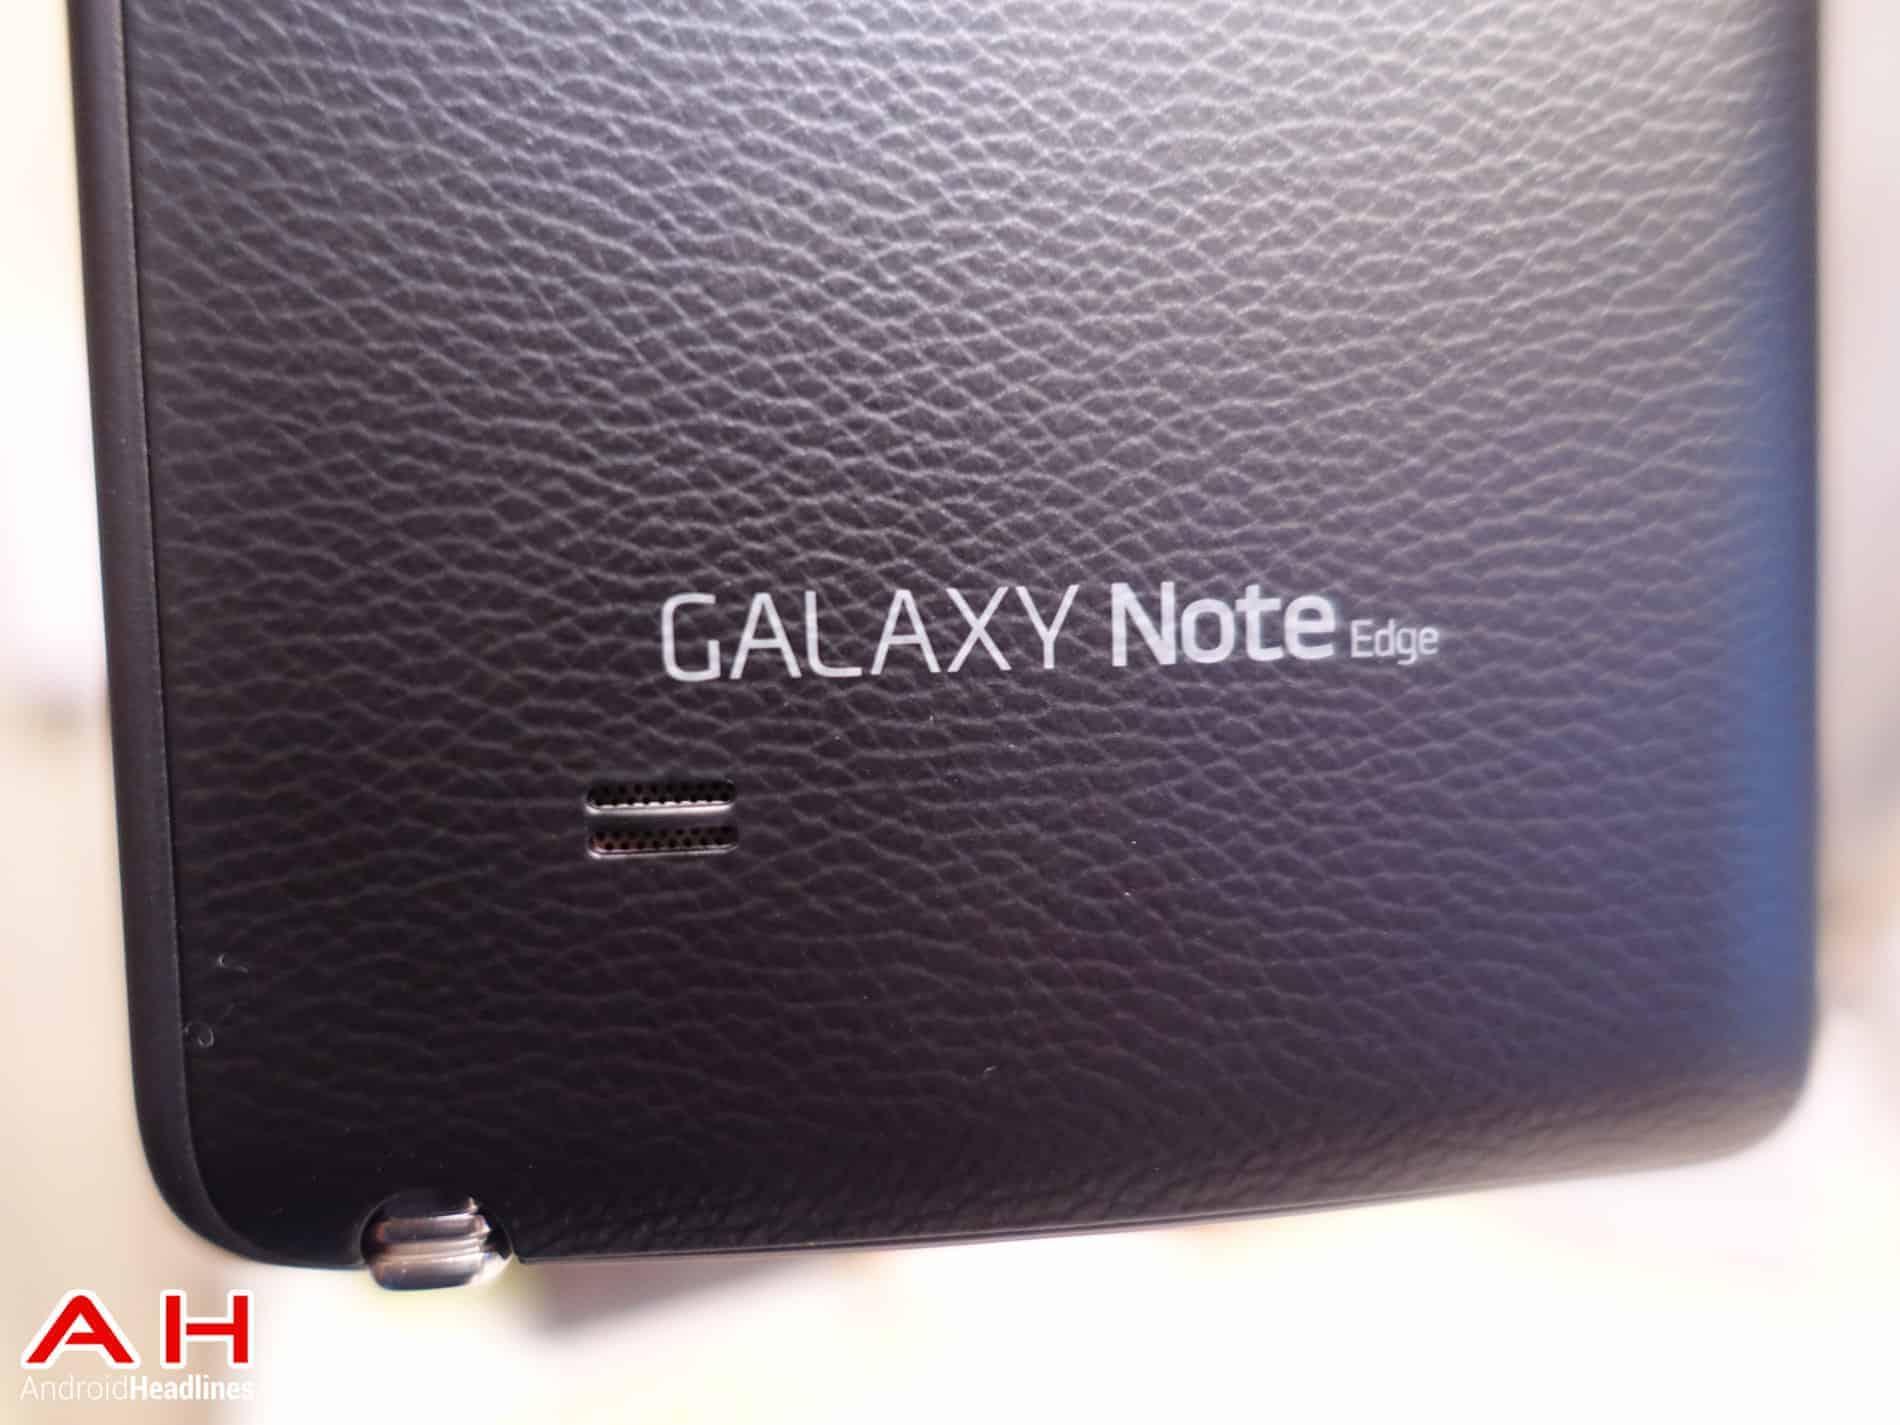 Samsung-Galaxy-Note-Edge-AH-29